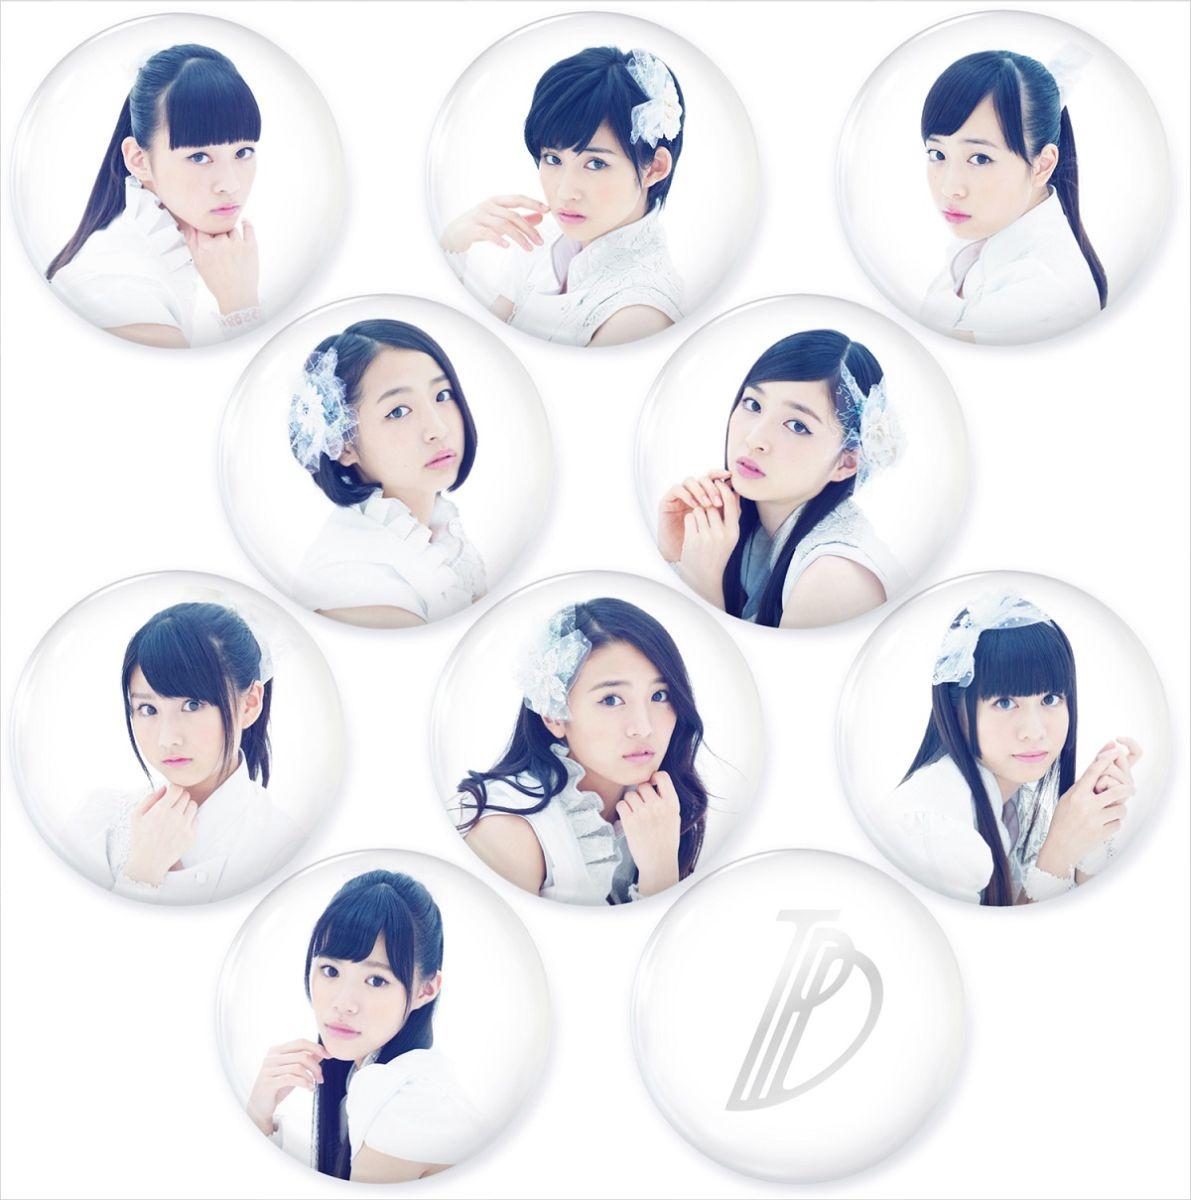 DREAM TRIGGER (初回限定盤B CD+DVD) [ 東京パフォーマンスドール ]